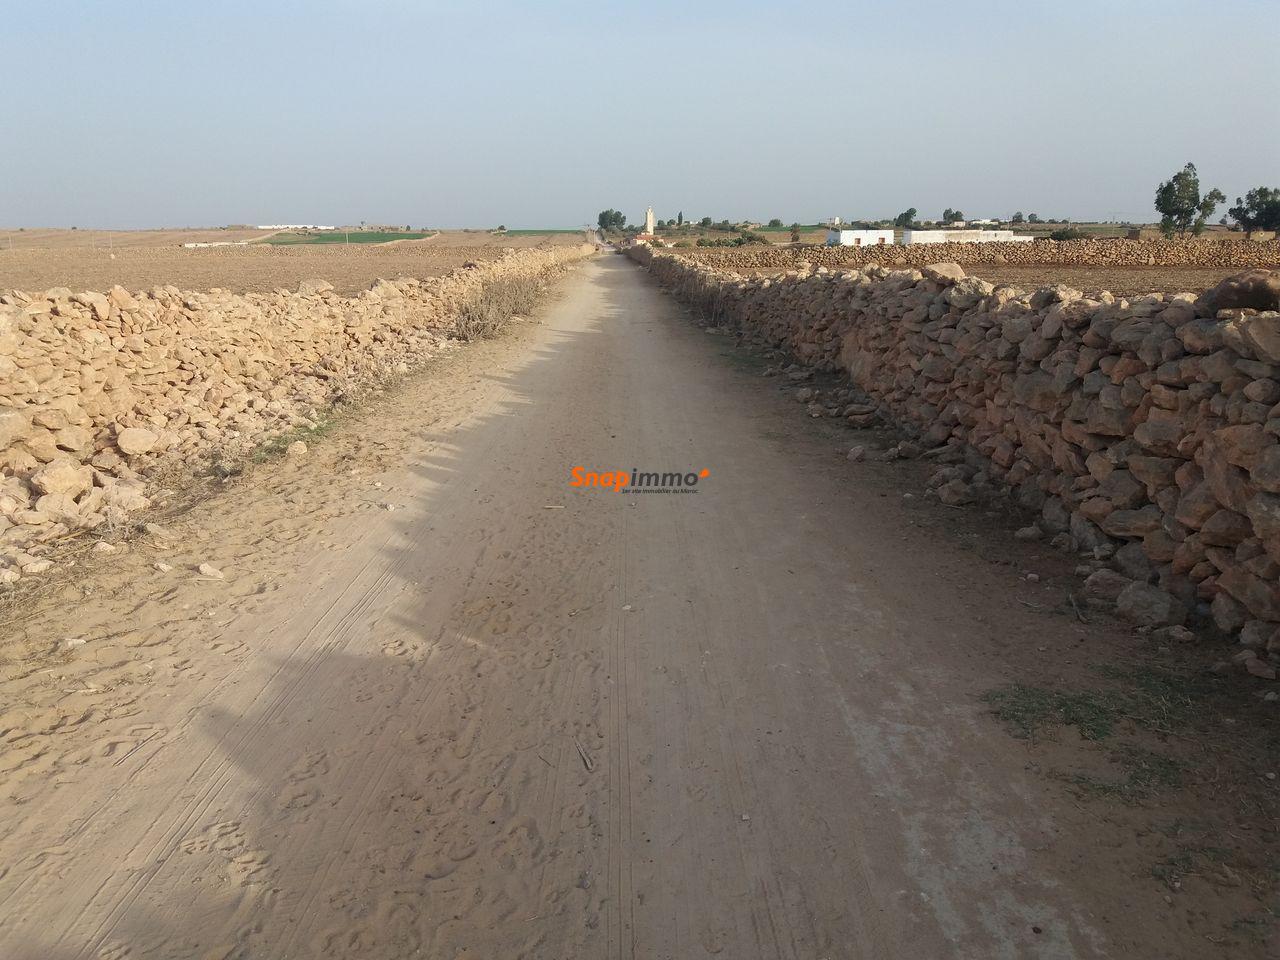 Terrain 1.5 hectare o nase a sidi ismail el jadida - 4/4